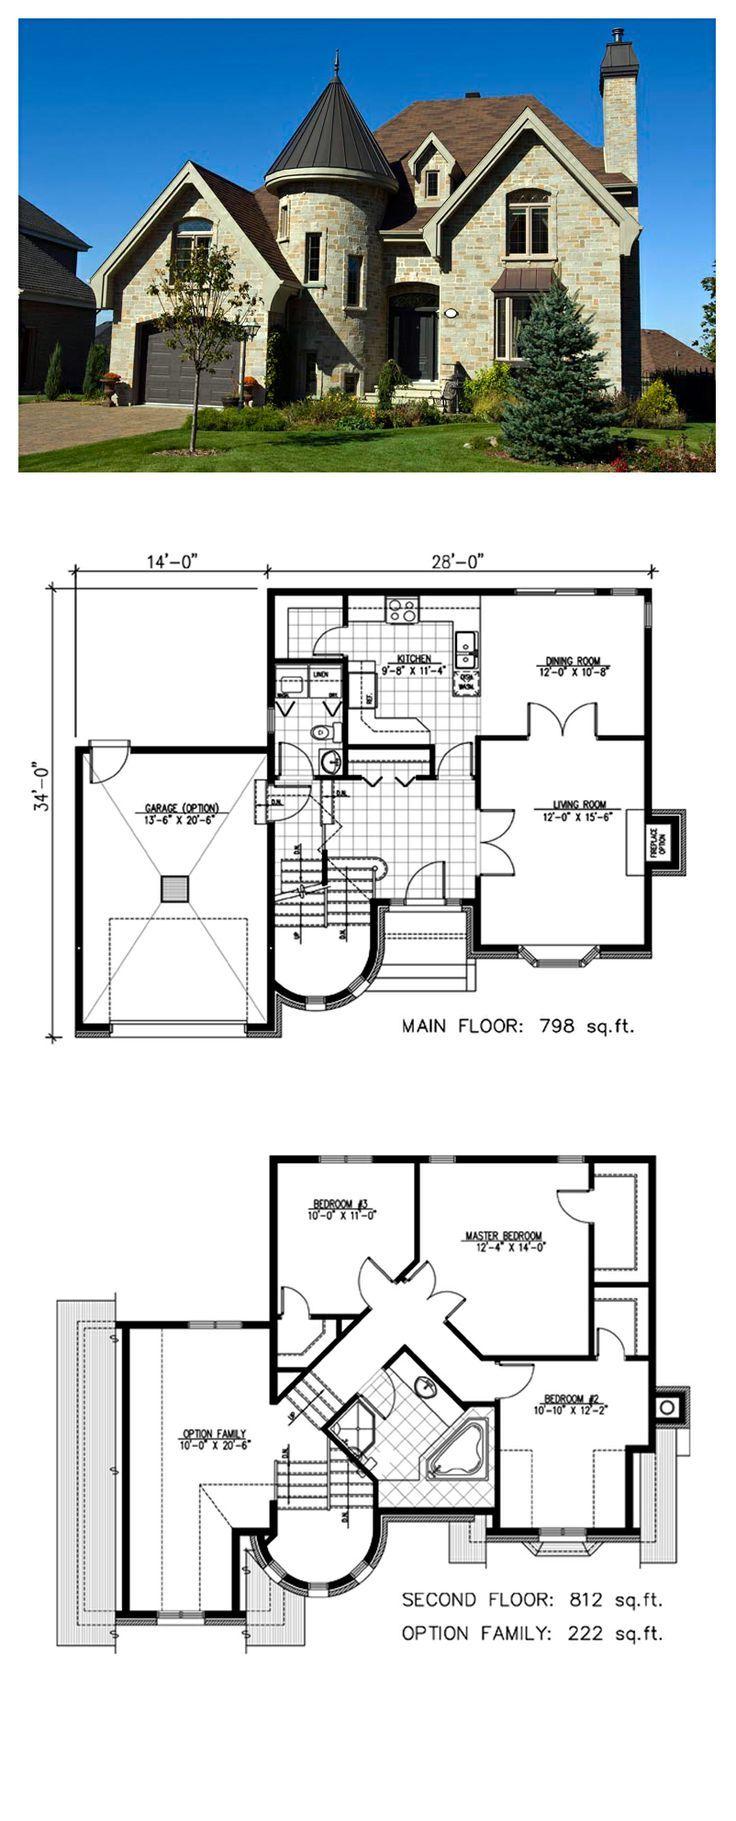 Viktorianischer Hausplan 48135 Gesamtwohnbereich 1610 Sq Ft 3 Schlafzimmer Und 1 5 Neuedesignideen Victorian House Plans Victorian Homes House Floor Plans